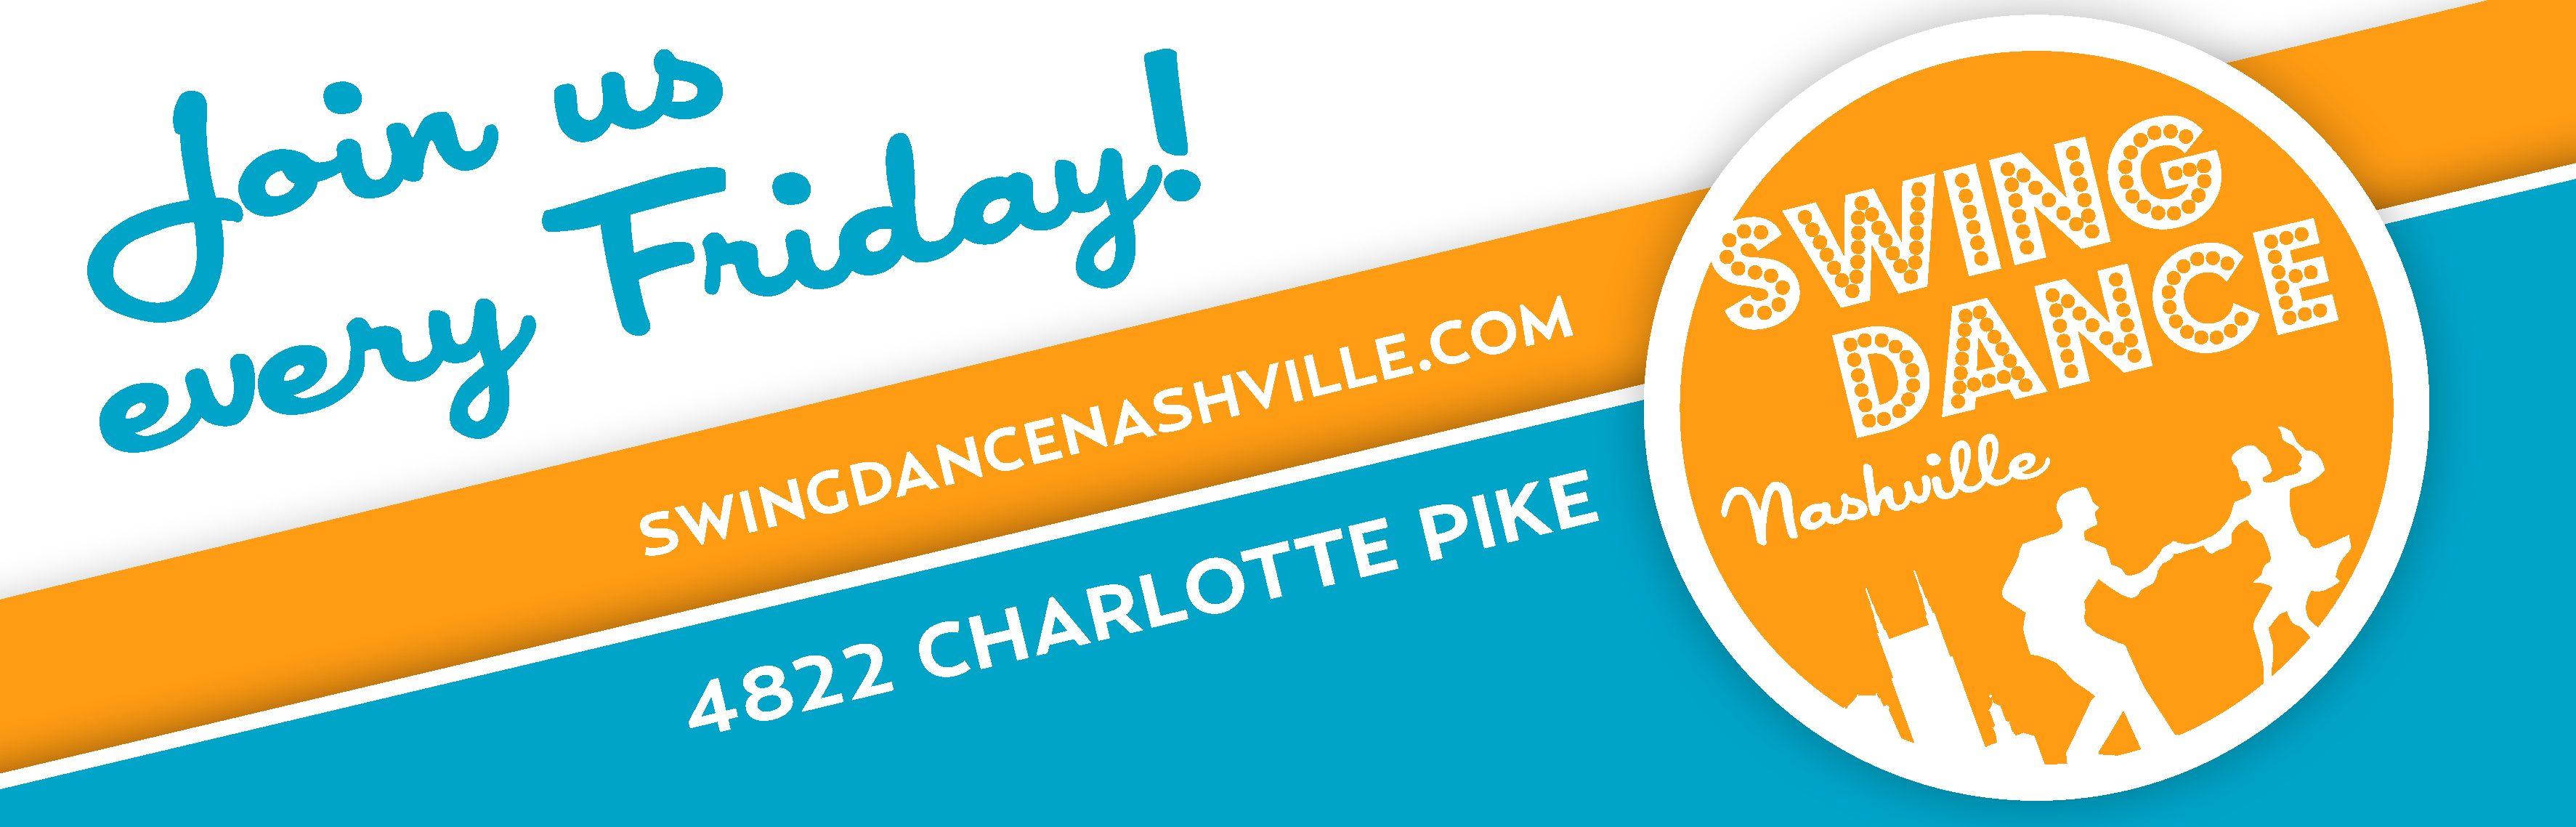 Swing Dance Nashville